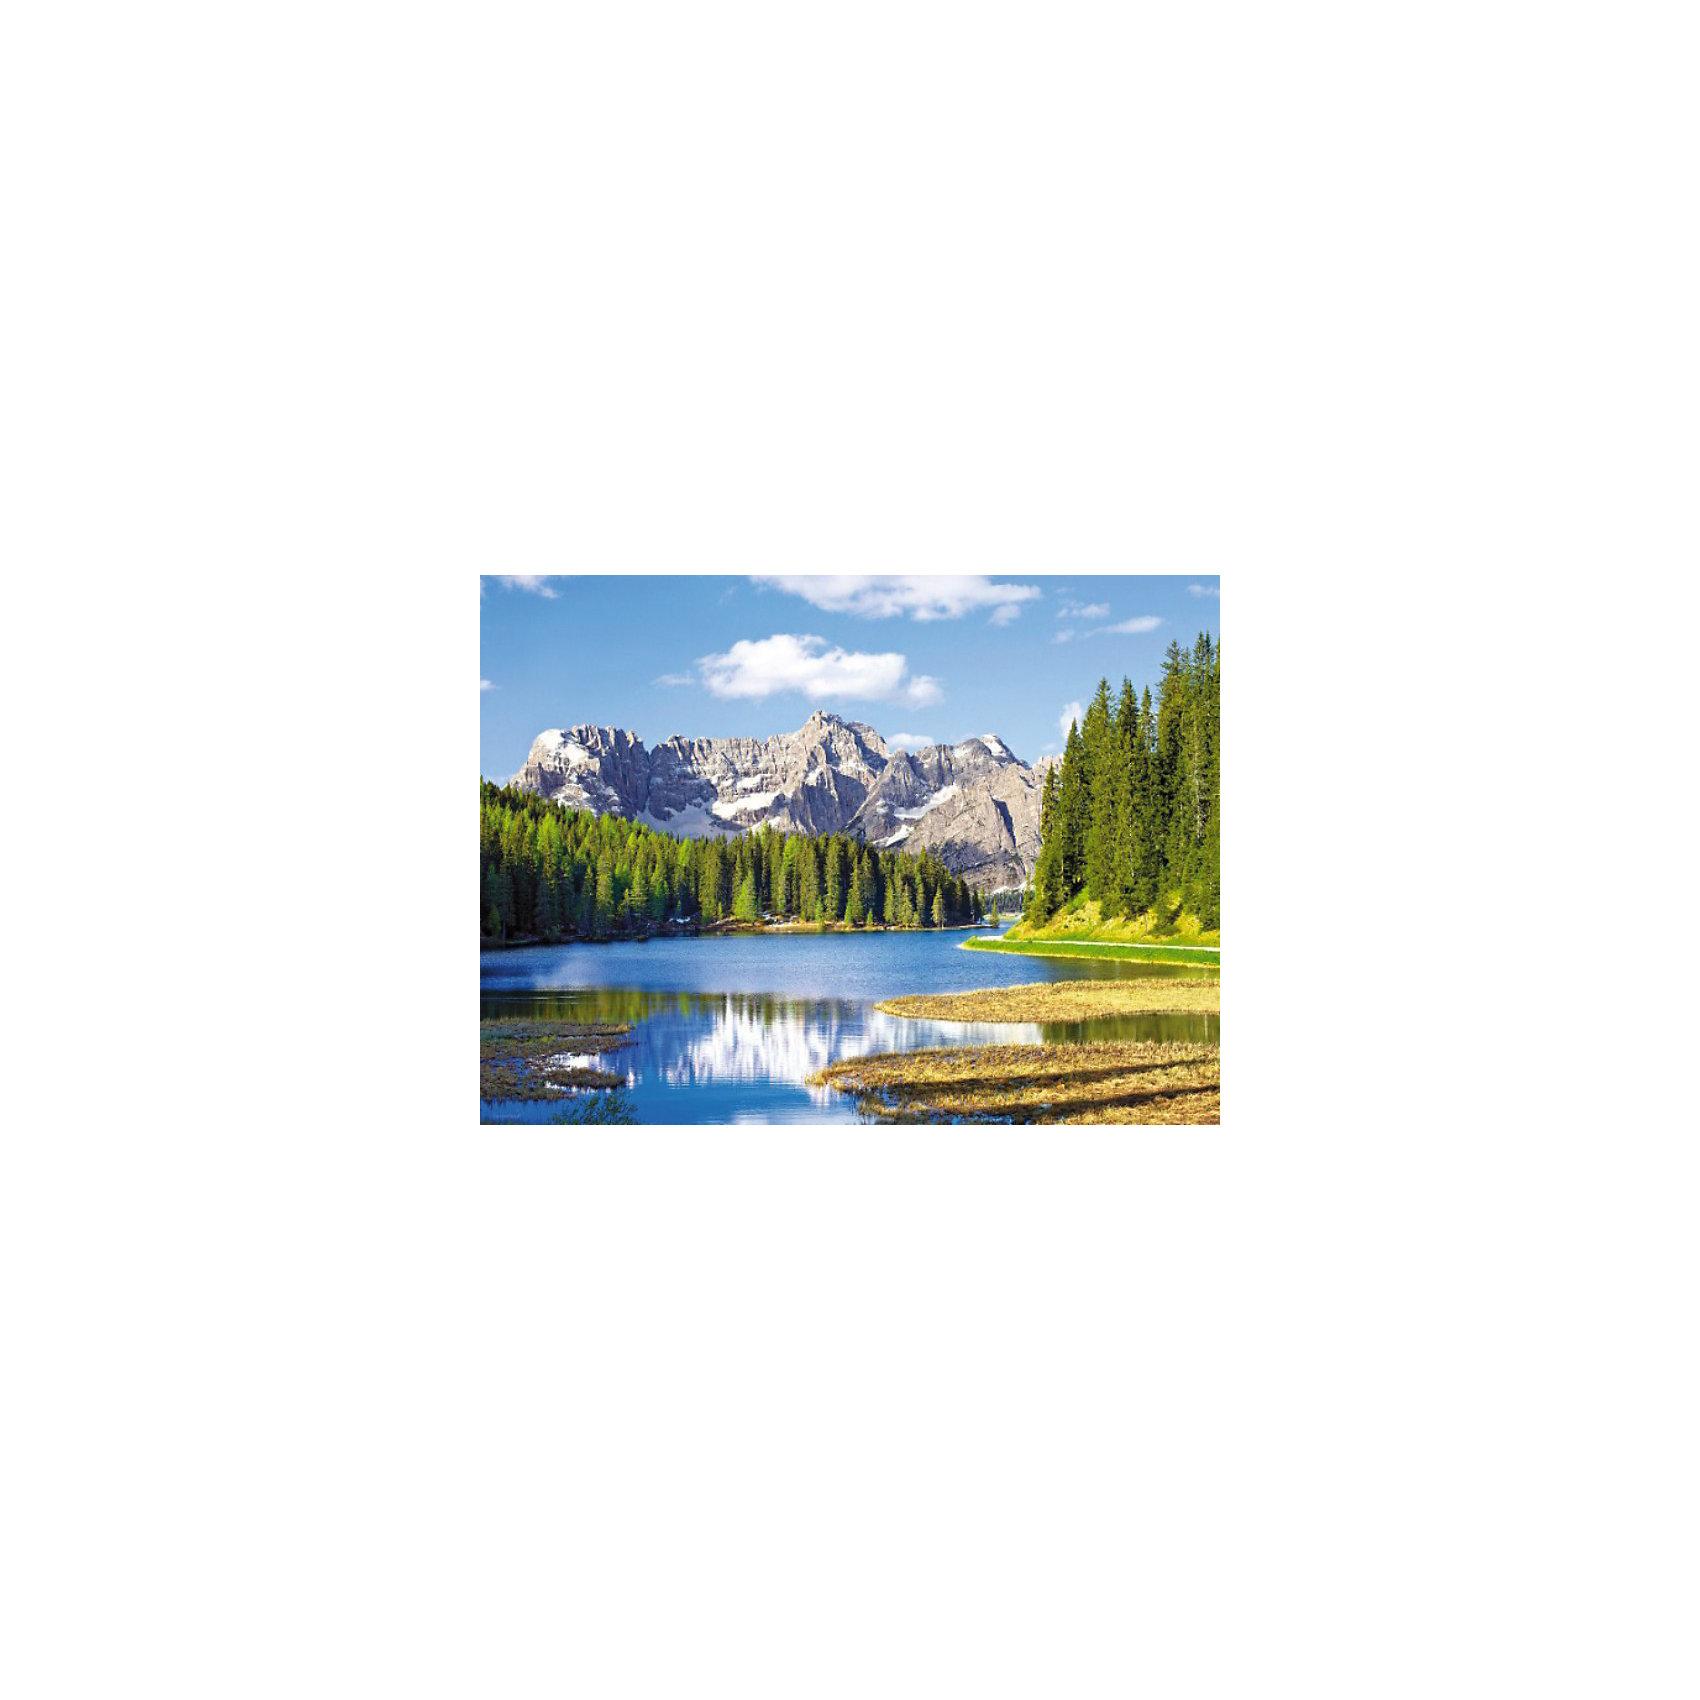 Пазл Озеро, 3000 деталей, CastorlandИзображение: Озеро в горах. Кол-во деталей 3000.<br><br>Размер картины: 920x680 мм<br><br>Ширина мм: 385<br>Глубина мм: 275<br>Высота мм: 50<br>Вес г: 950<br>Возраст от месяцев: 192<br>Возраст до месяцев: 1188<br>Пол: Унисекс<br>Возраст: Детский<br>Количество деталей: 3000<br>SKU: 2328213